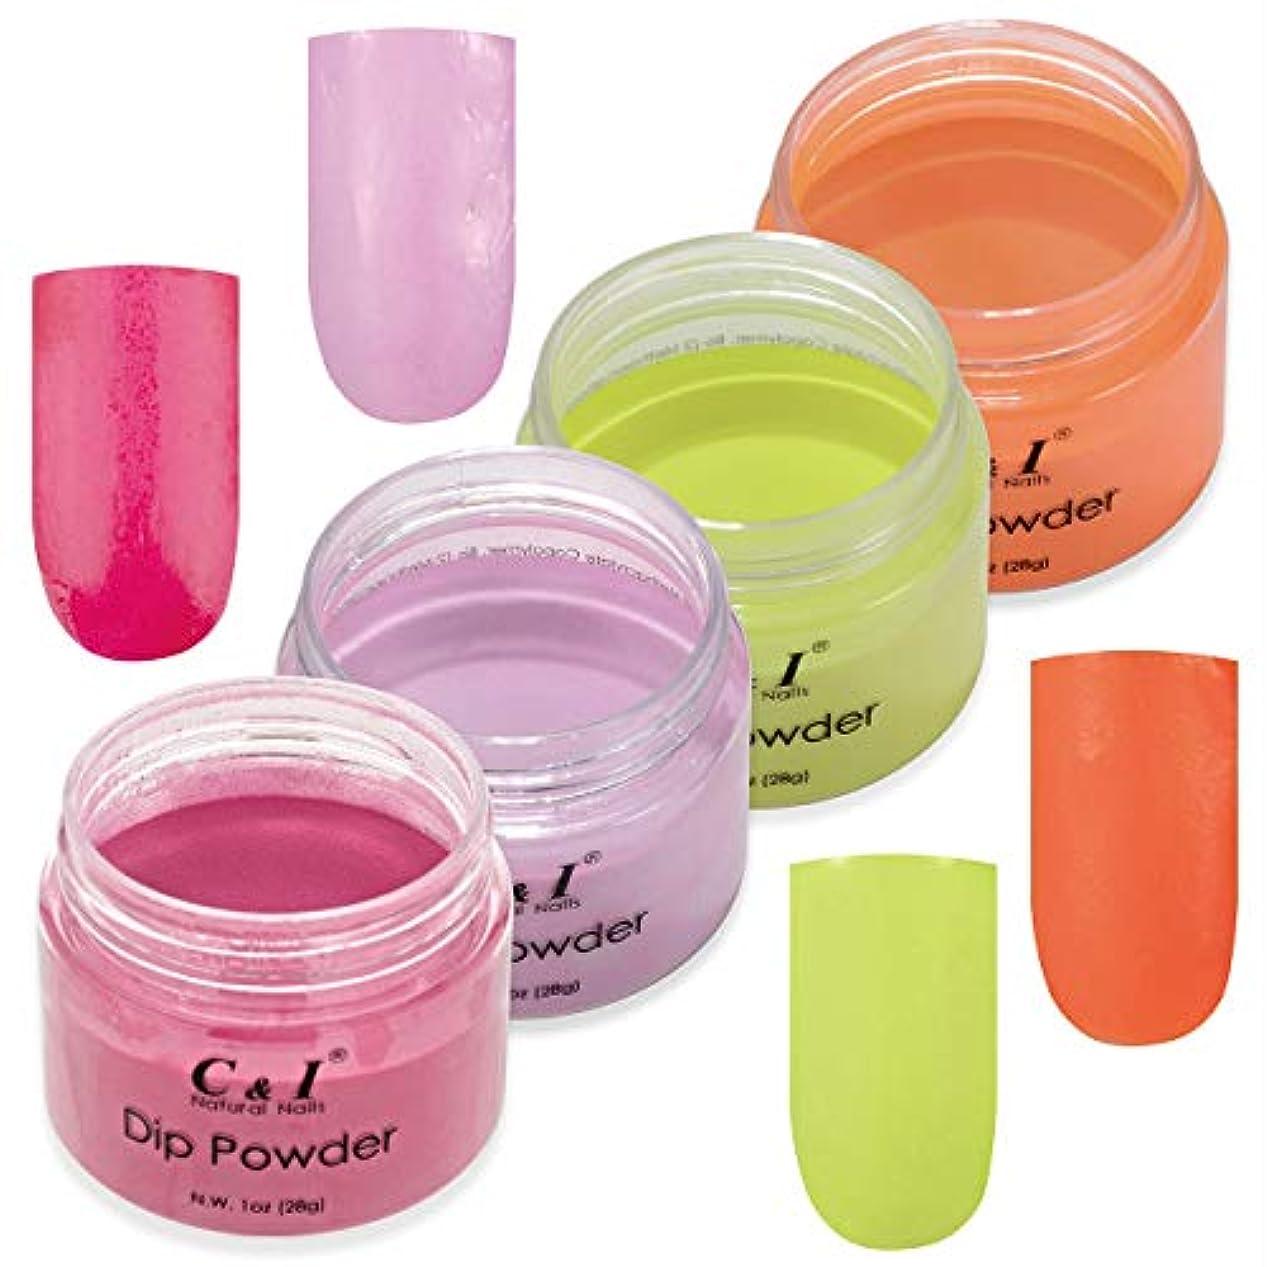 工夫する母性入植者C & I Dip Powder Nail Colors & Liquids Set, 4 colors and 4 liquids, Gel Nail Effect Colors, N.W. 28 g * 4 pcs & 15 ml * 4 pcs